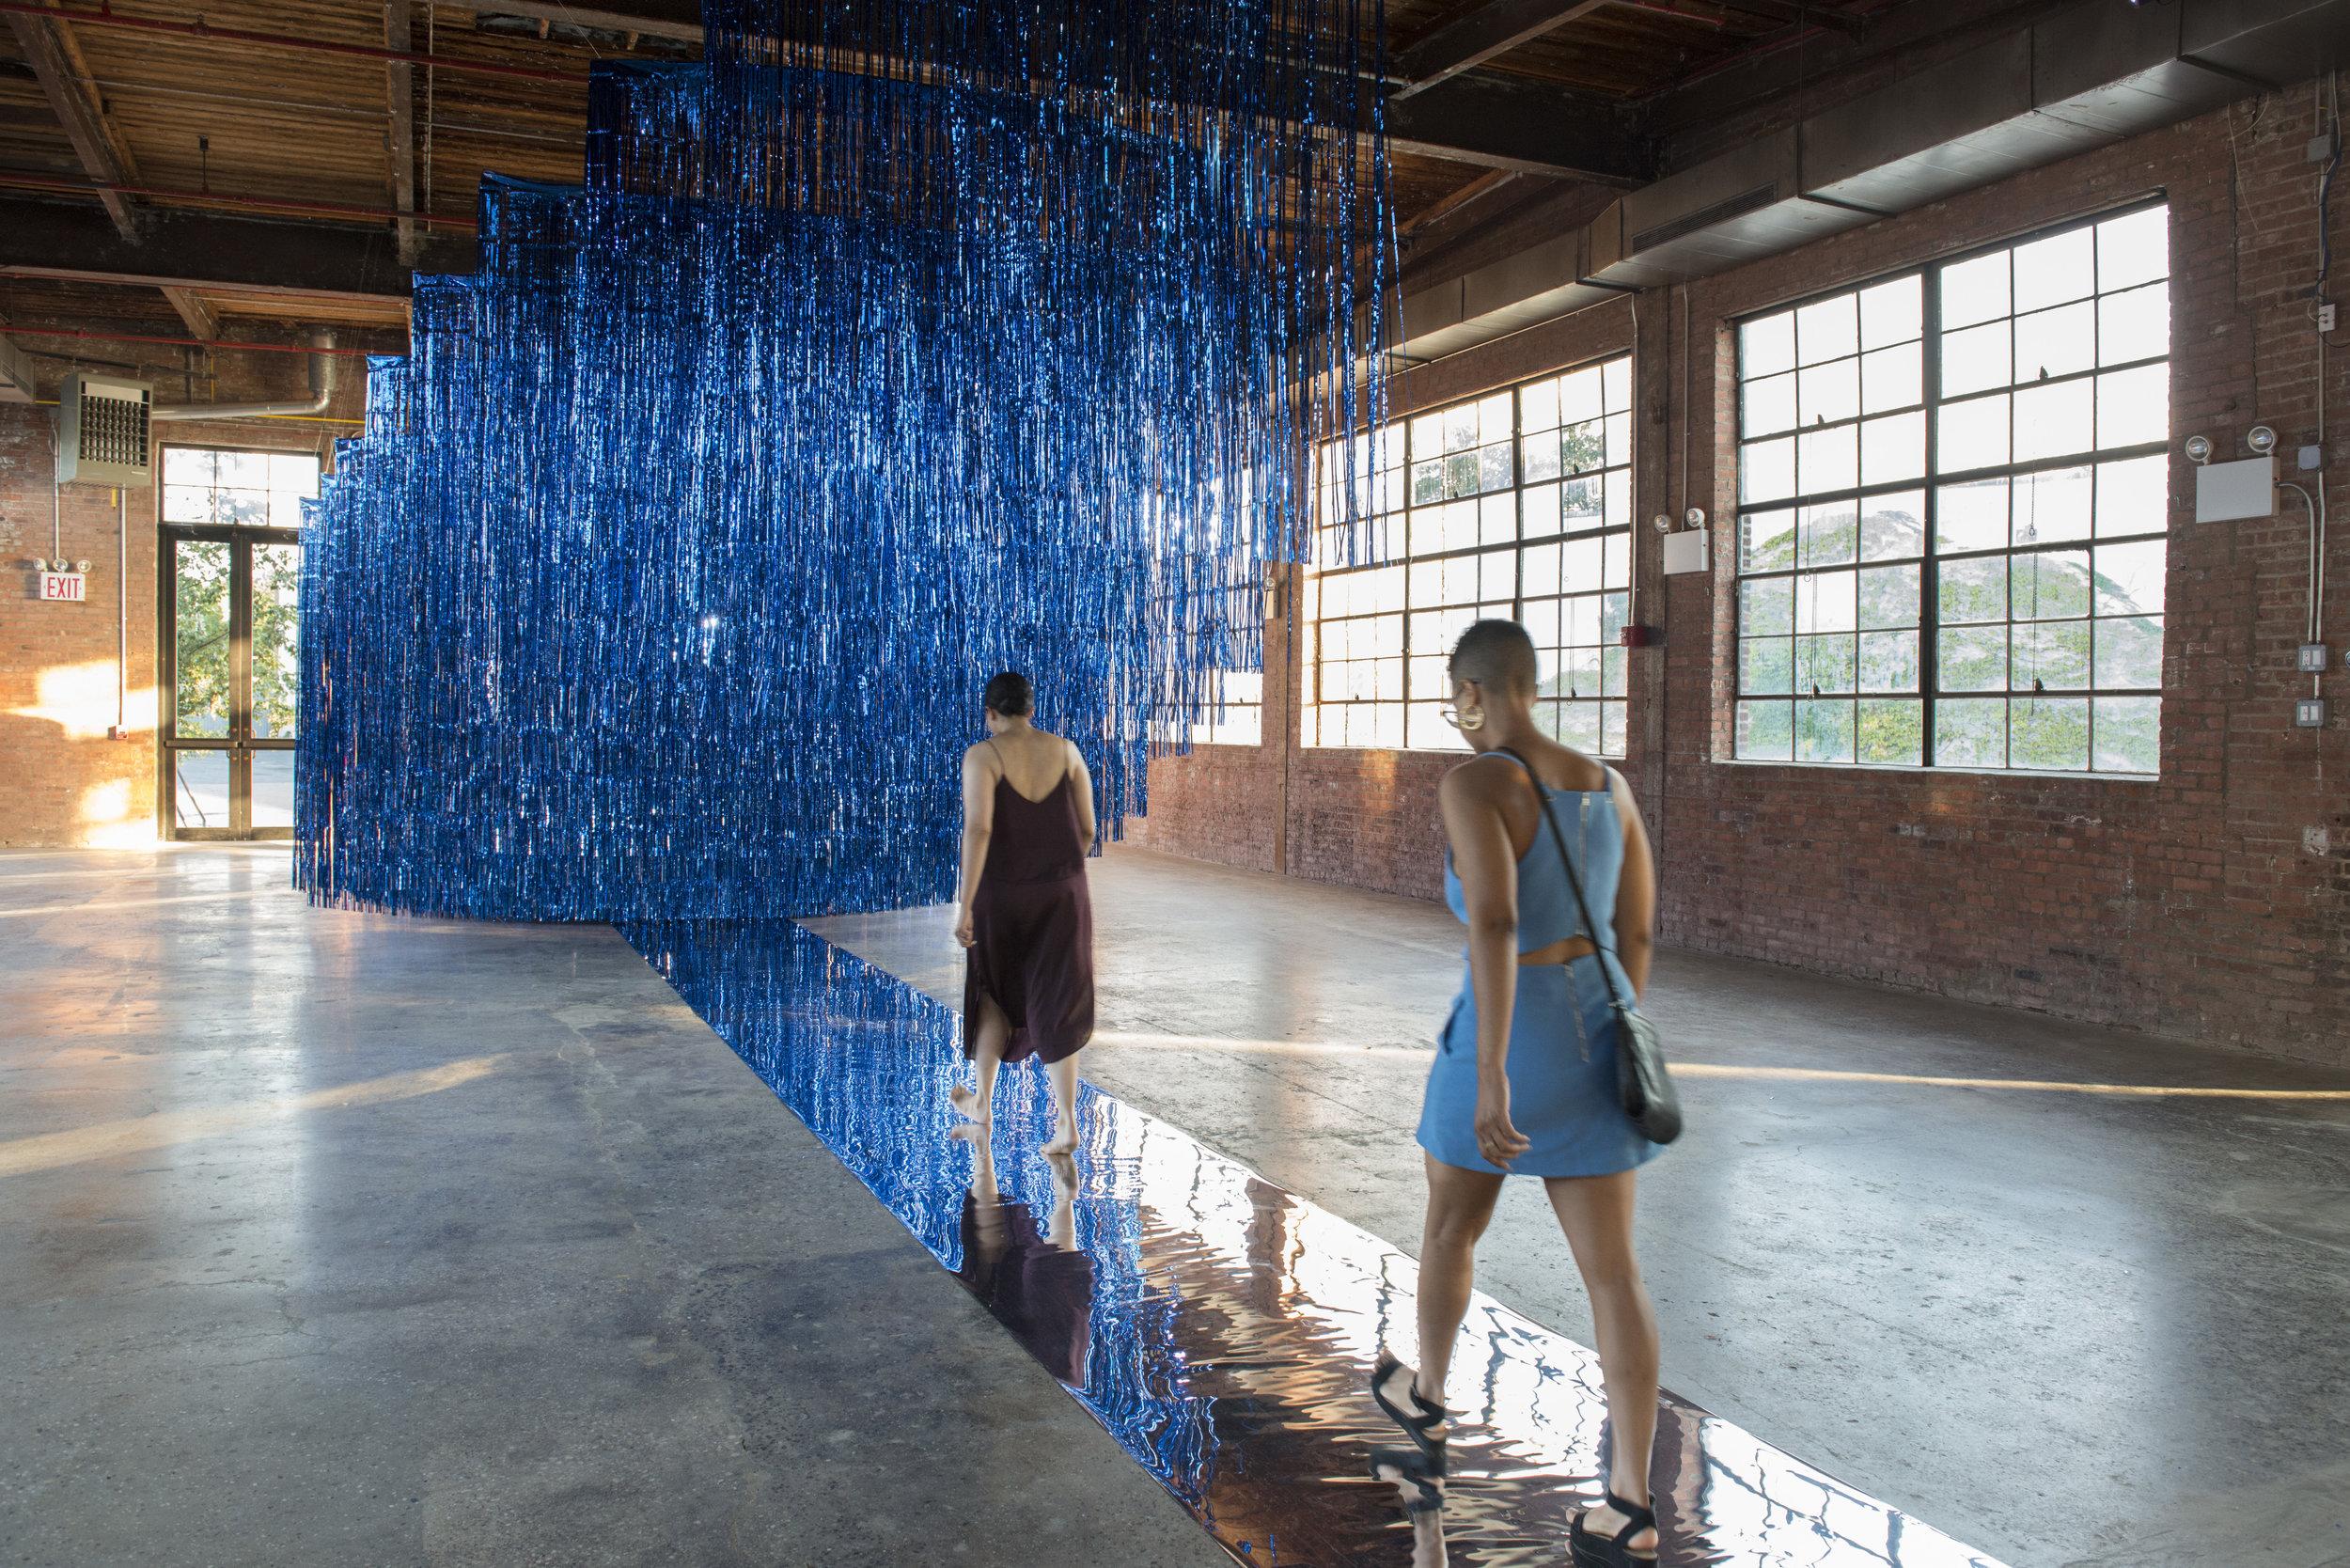 Aya Rodriguez-Izumi's 'Offering' (2016) at the MAMI exhibit. Photo: Kearra Amaya Gopee